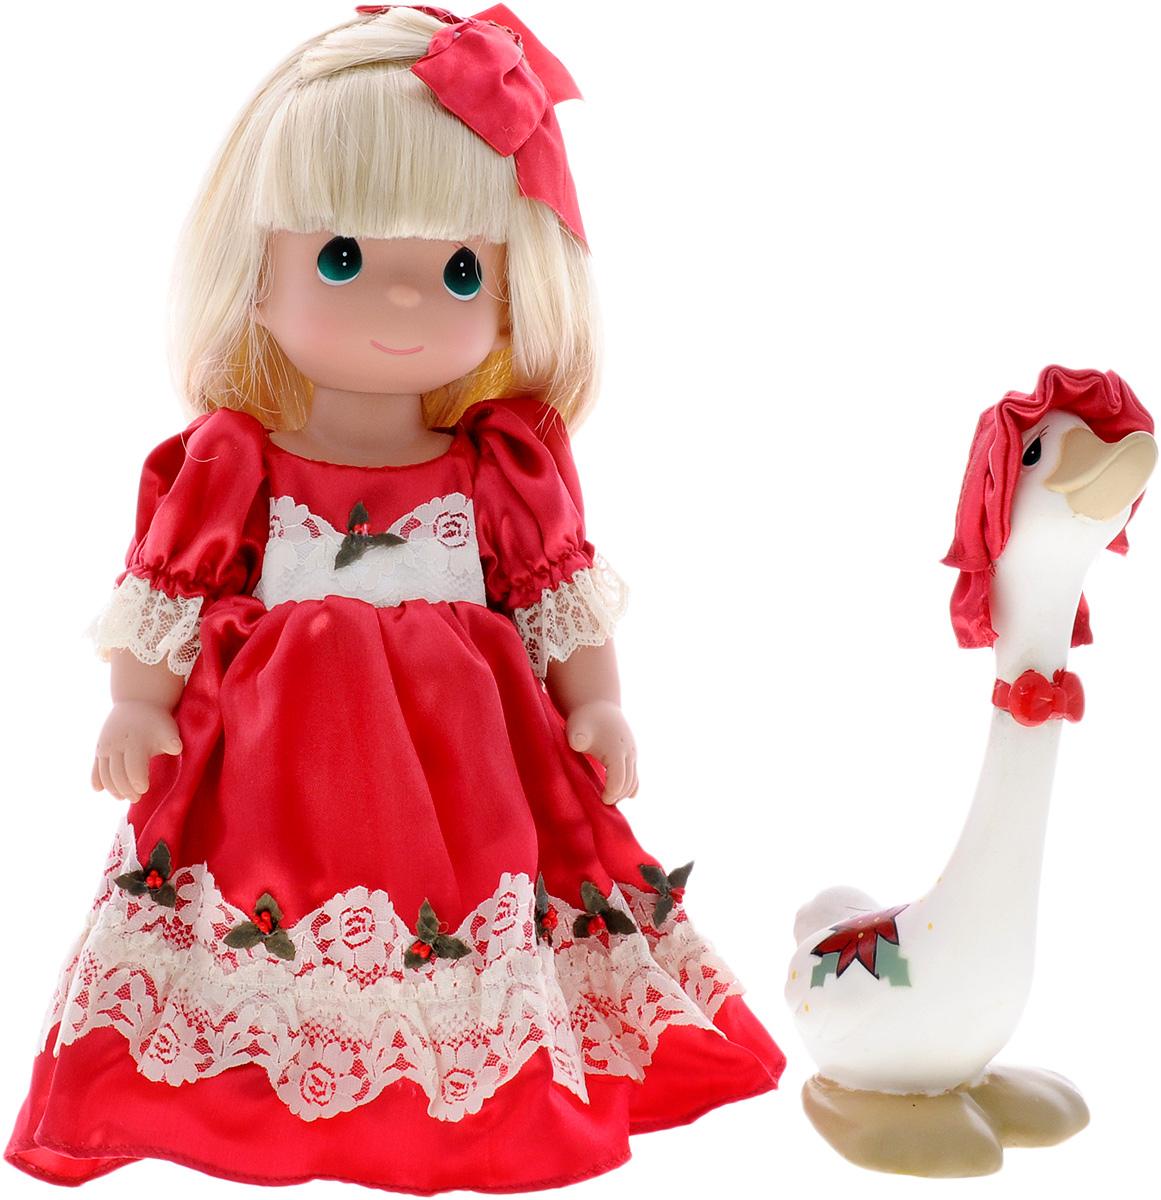 Precious Moments Кукла Рождество4657Коллекция кукол Precious Moments ростом выше 30 см насчитывает на сегодняшний день более 600 видов. Куклы изготавливаются из качественного, безопасного материала и имеют пять базовых точек артикуляции. Каждый год в коллекцию добавляются все новые и новые модели. Каждая кукла имеет свой неповторимый образ и характер. Она может быть подарком на память о каком-либо событии в жизни. Куклы выполнены с любовью и нежностью, которую дарит нам известная волшебница - создатель кукол Линда Рик! Кукла Рождество одета в пышное красное платье и красные туфли. Светлые волосы куклы украшены красным бантом. Вся одежда у куклы съемная. У девочки большие зеленые глаза и длинные светлые волосы. В комплект с куклой входит забавный гусь. Игра с куклой разовьет в вашей малышке чувство ответственности и заботы. Порадуйте свою принцессу таким великолепным подарком!